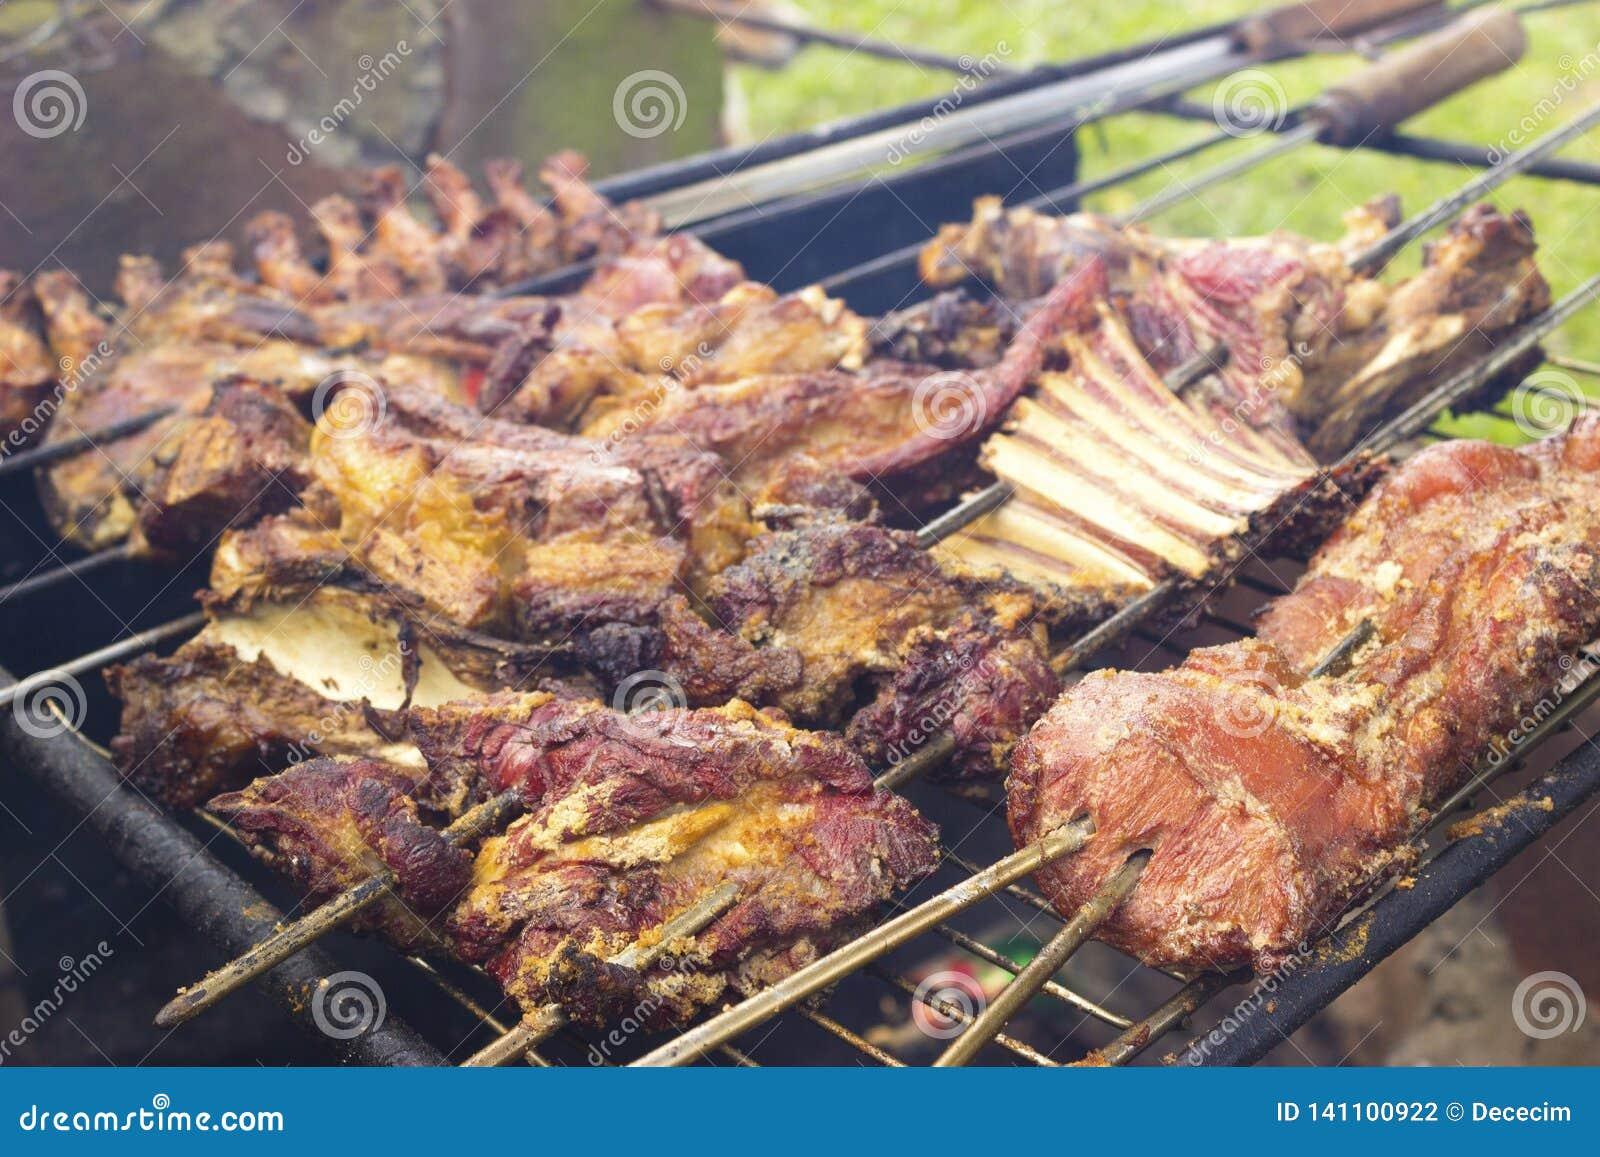 Brazilian Barbecue Churrasco Gaucho Churrasco Uruguay